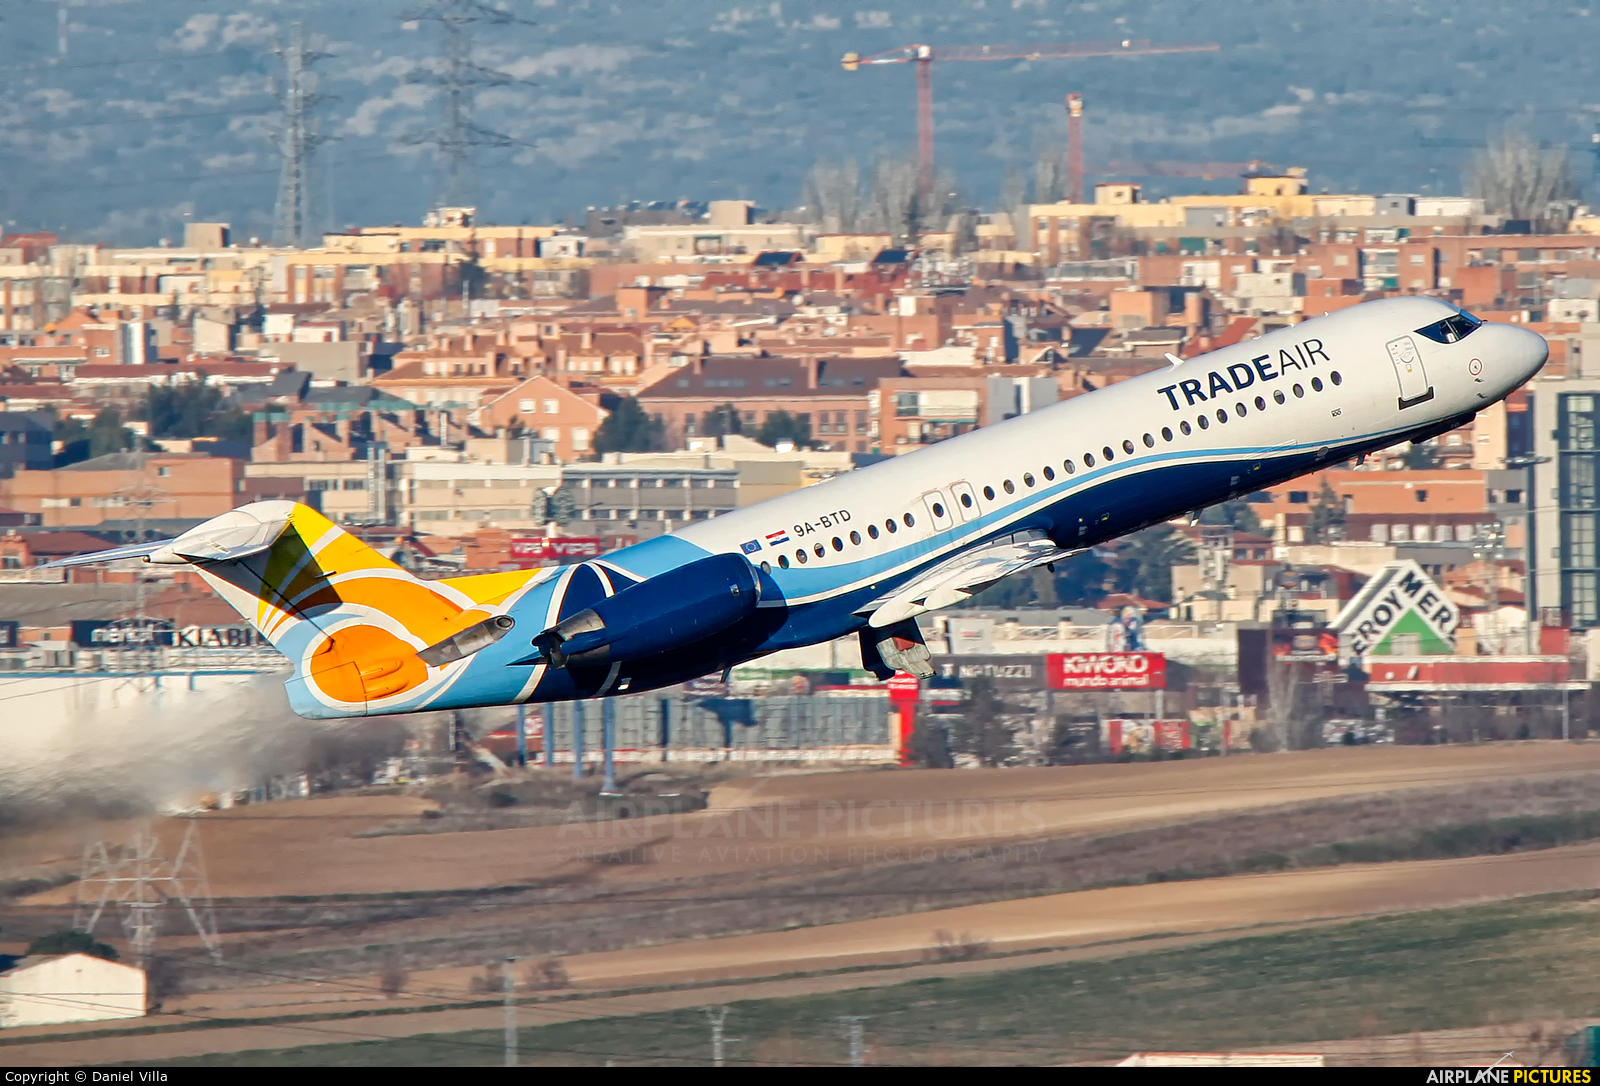 Trade Air 9A-BTD aircraft at Madrid - Barajas